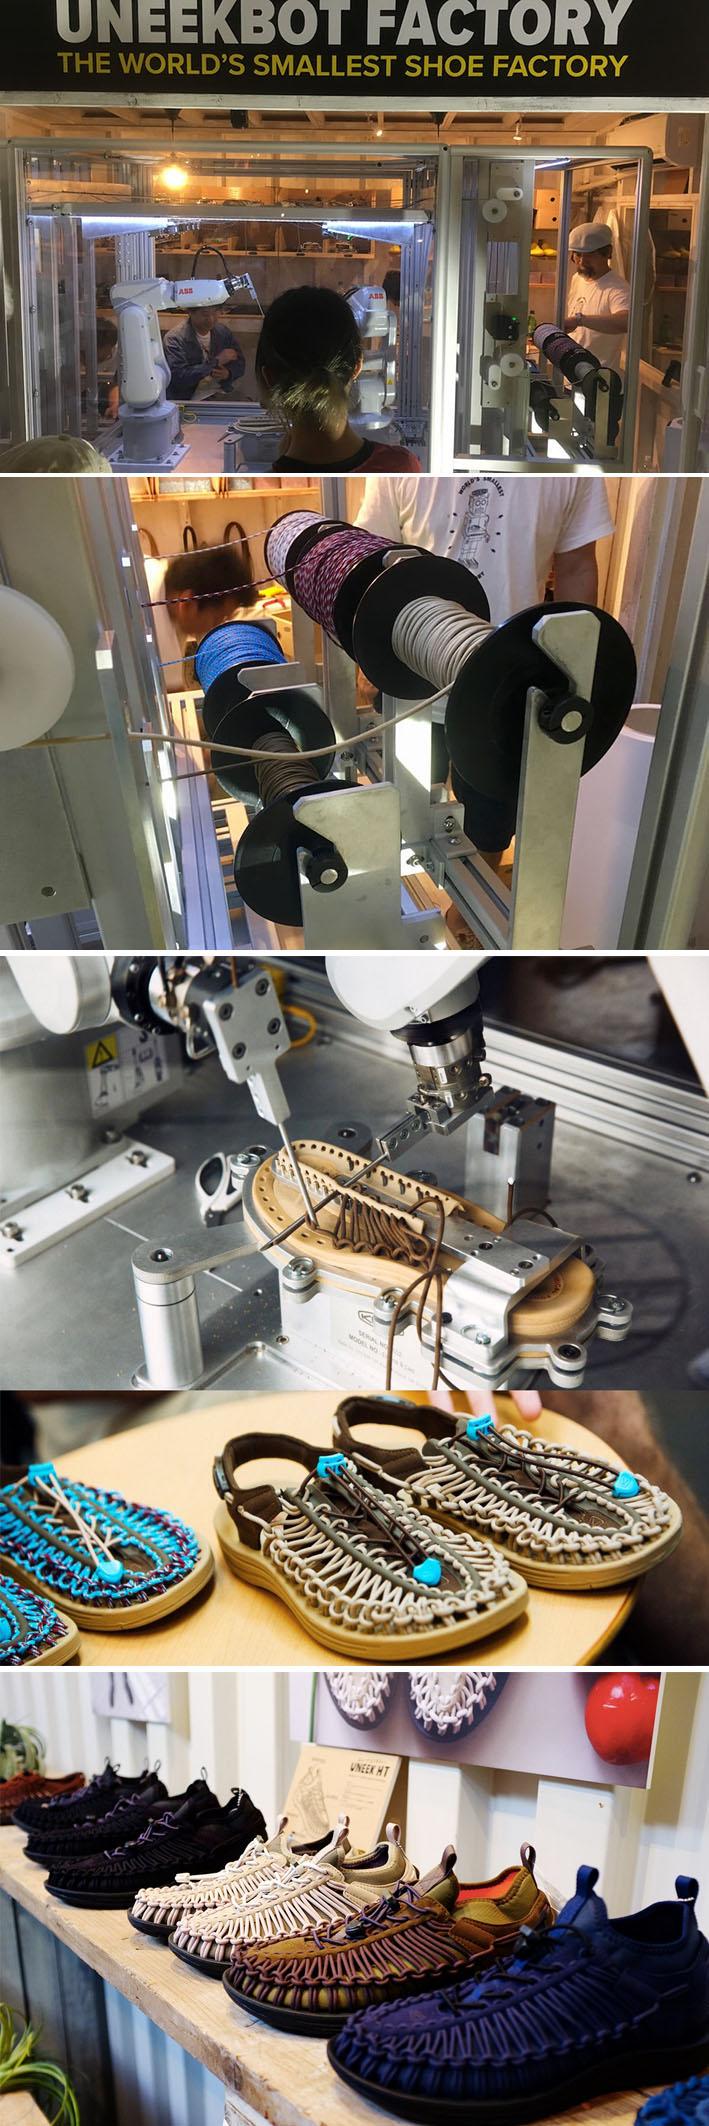 Na loja do futuro Uneekbot Factory, dois robôs fabricam sapatos sob demanda em seis minutos stylo urbano